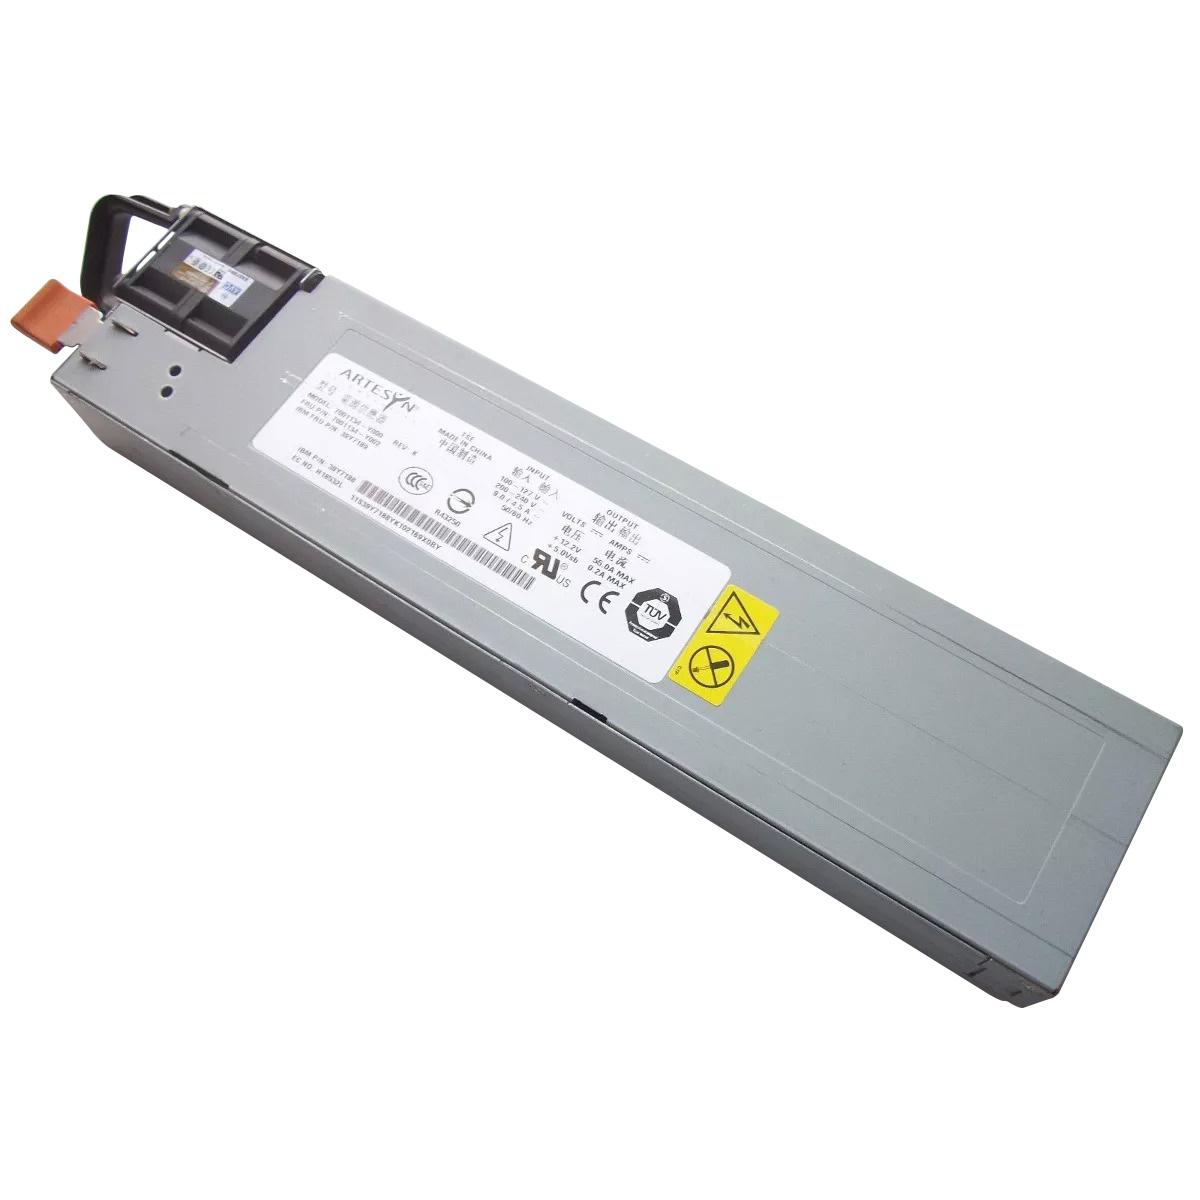 Fonte Servidor IBM X3550 670w Artesyn 7001134-Y000 7001134-y002 / 39y7188 - Usada